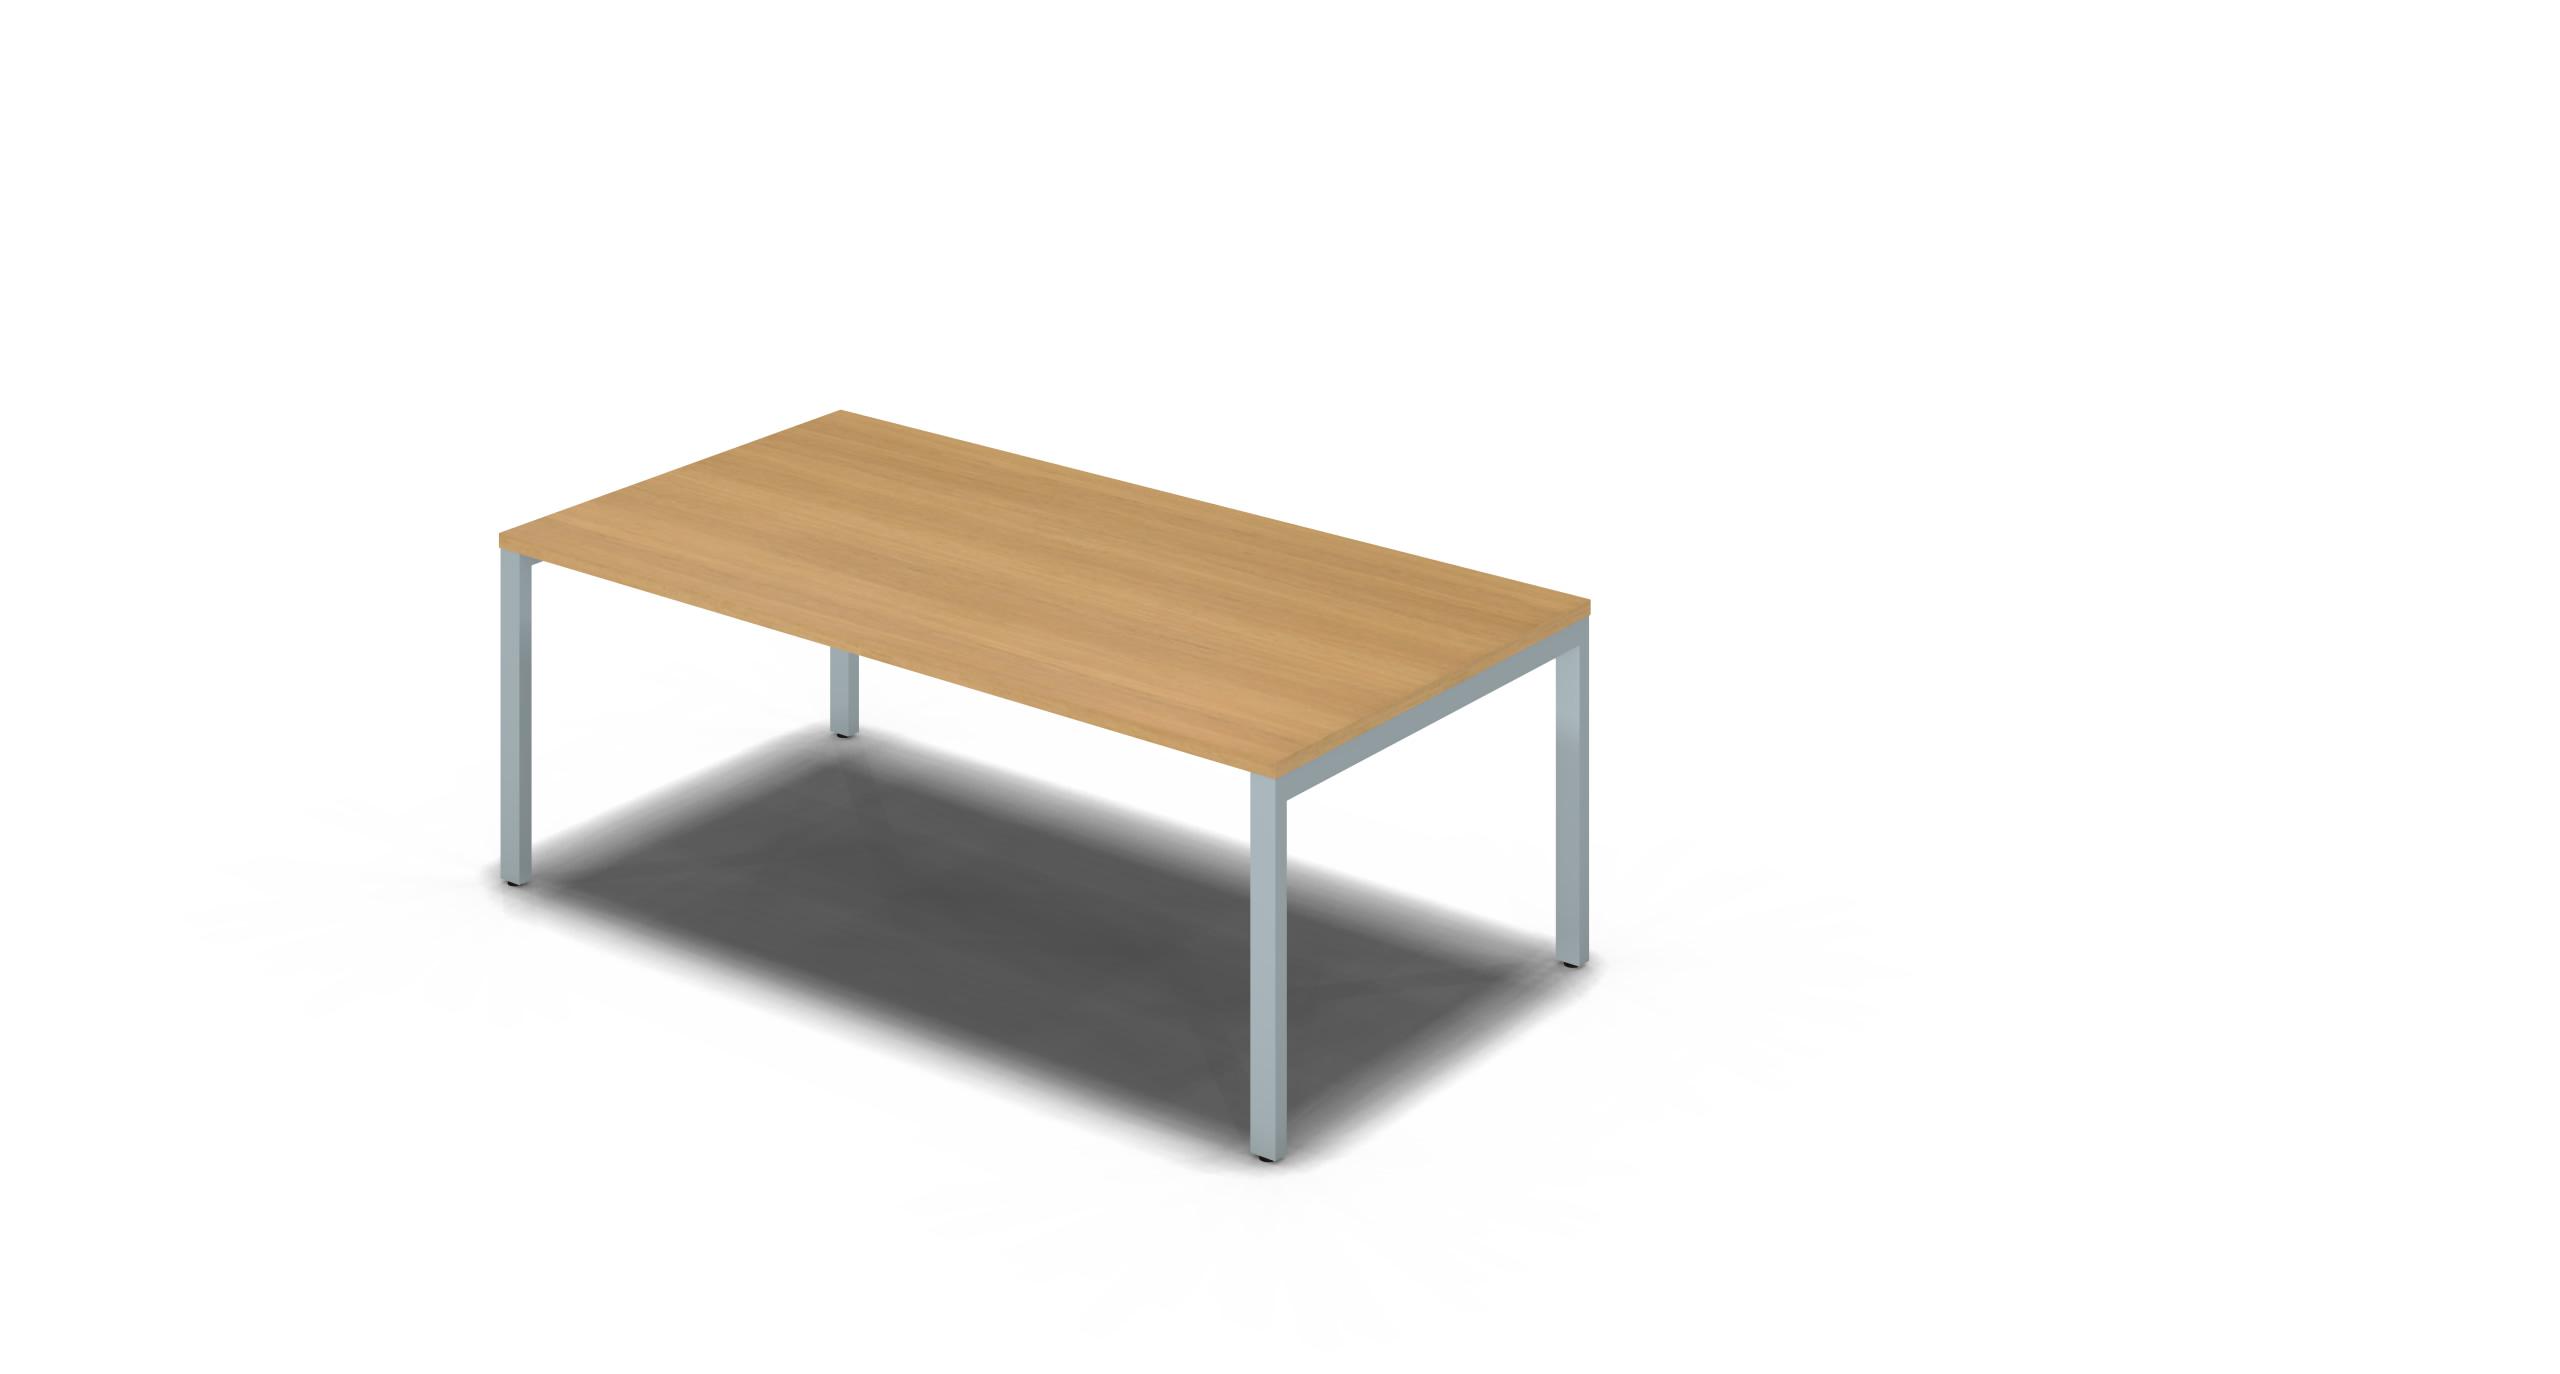 Table_Square_1800x900_Silver_Oak_noOption